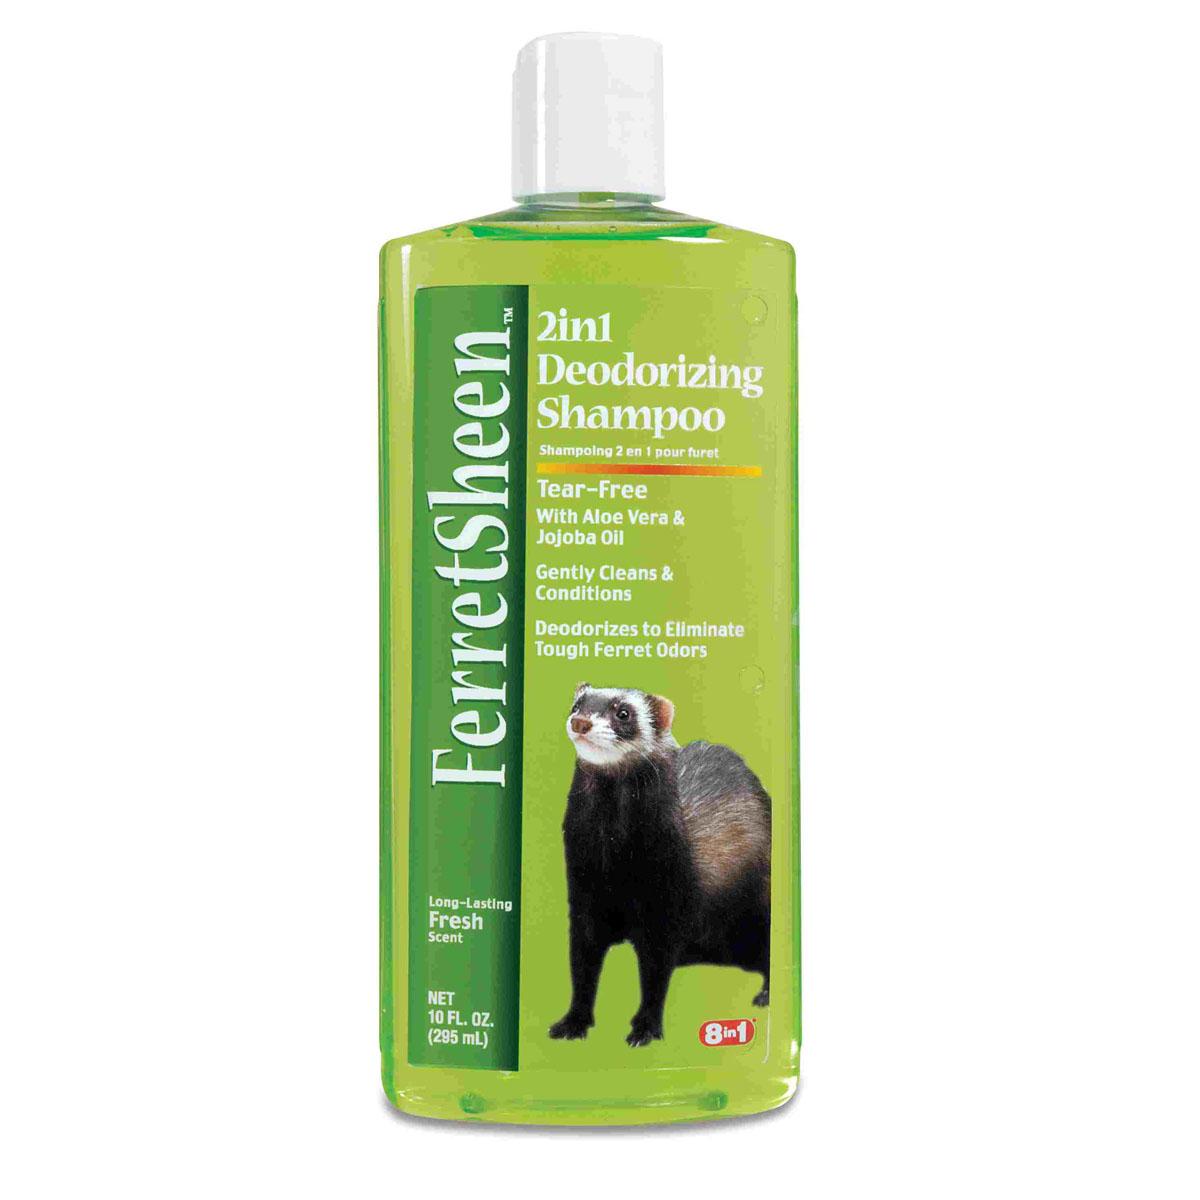 Шампунь для хорьков 8 in1 Shampoo Ferretsheen Deodorizing, дезодорирующий, 295 мл1835288Шампунь для хорьков дезодорирующий содержит мощные микро-капсулированные ферменты, которые эффективно борются с резким неприятным запахом.Масло жожоба и алоэ вера смягчают кожу и ухаживают за шерстью, позволяя ей выглядеть наилучшим образом. Шампунь не раздражает кожу.После купания шерсть хорька надолго сохраняет приятный аромат огурца и дыни. Полностью намочите шерсть хорька, нанесите шампунь и вспеньте. Для достижения наилучшего результата оставьте шампунь на шерсти в течение нескольких минут, втирая его массажными движениями. Хорошо смойте водой, насухо вытрите и расчешите шерсть зверька.